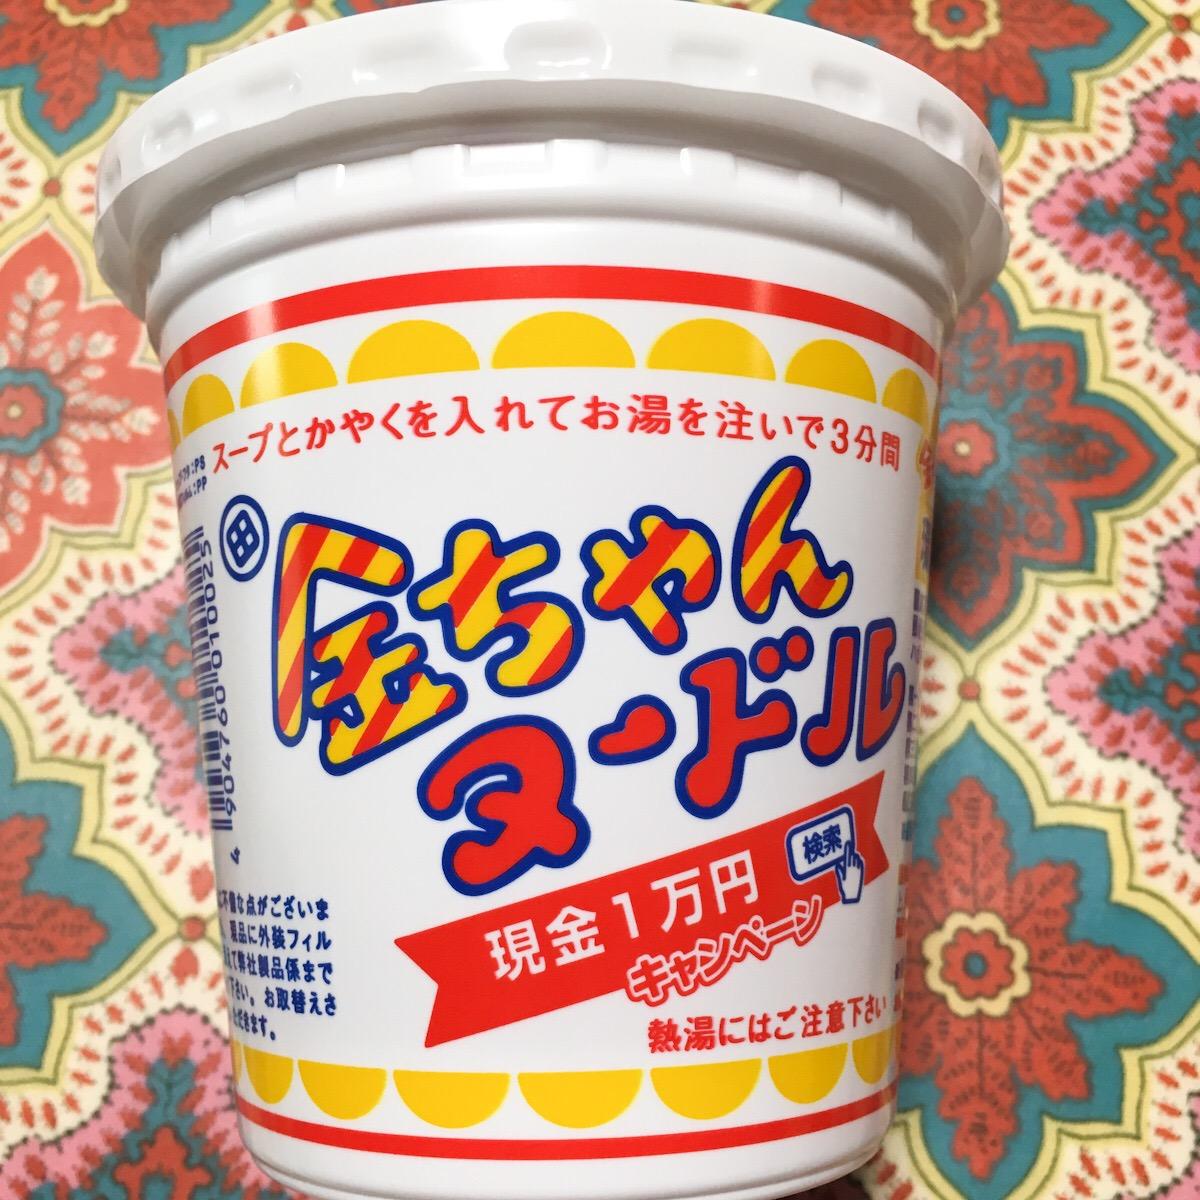 西日本限定のカップラーメン「金ちゃんヌードル」を食べてみた